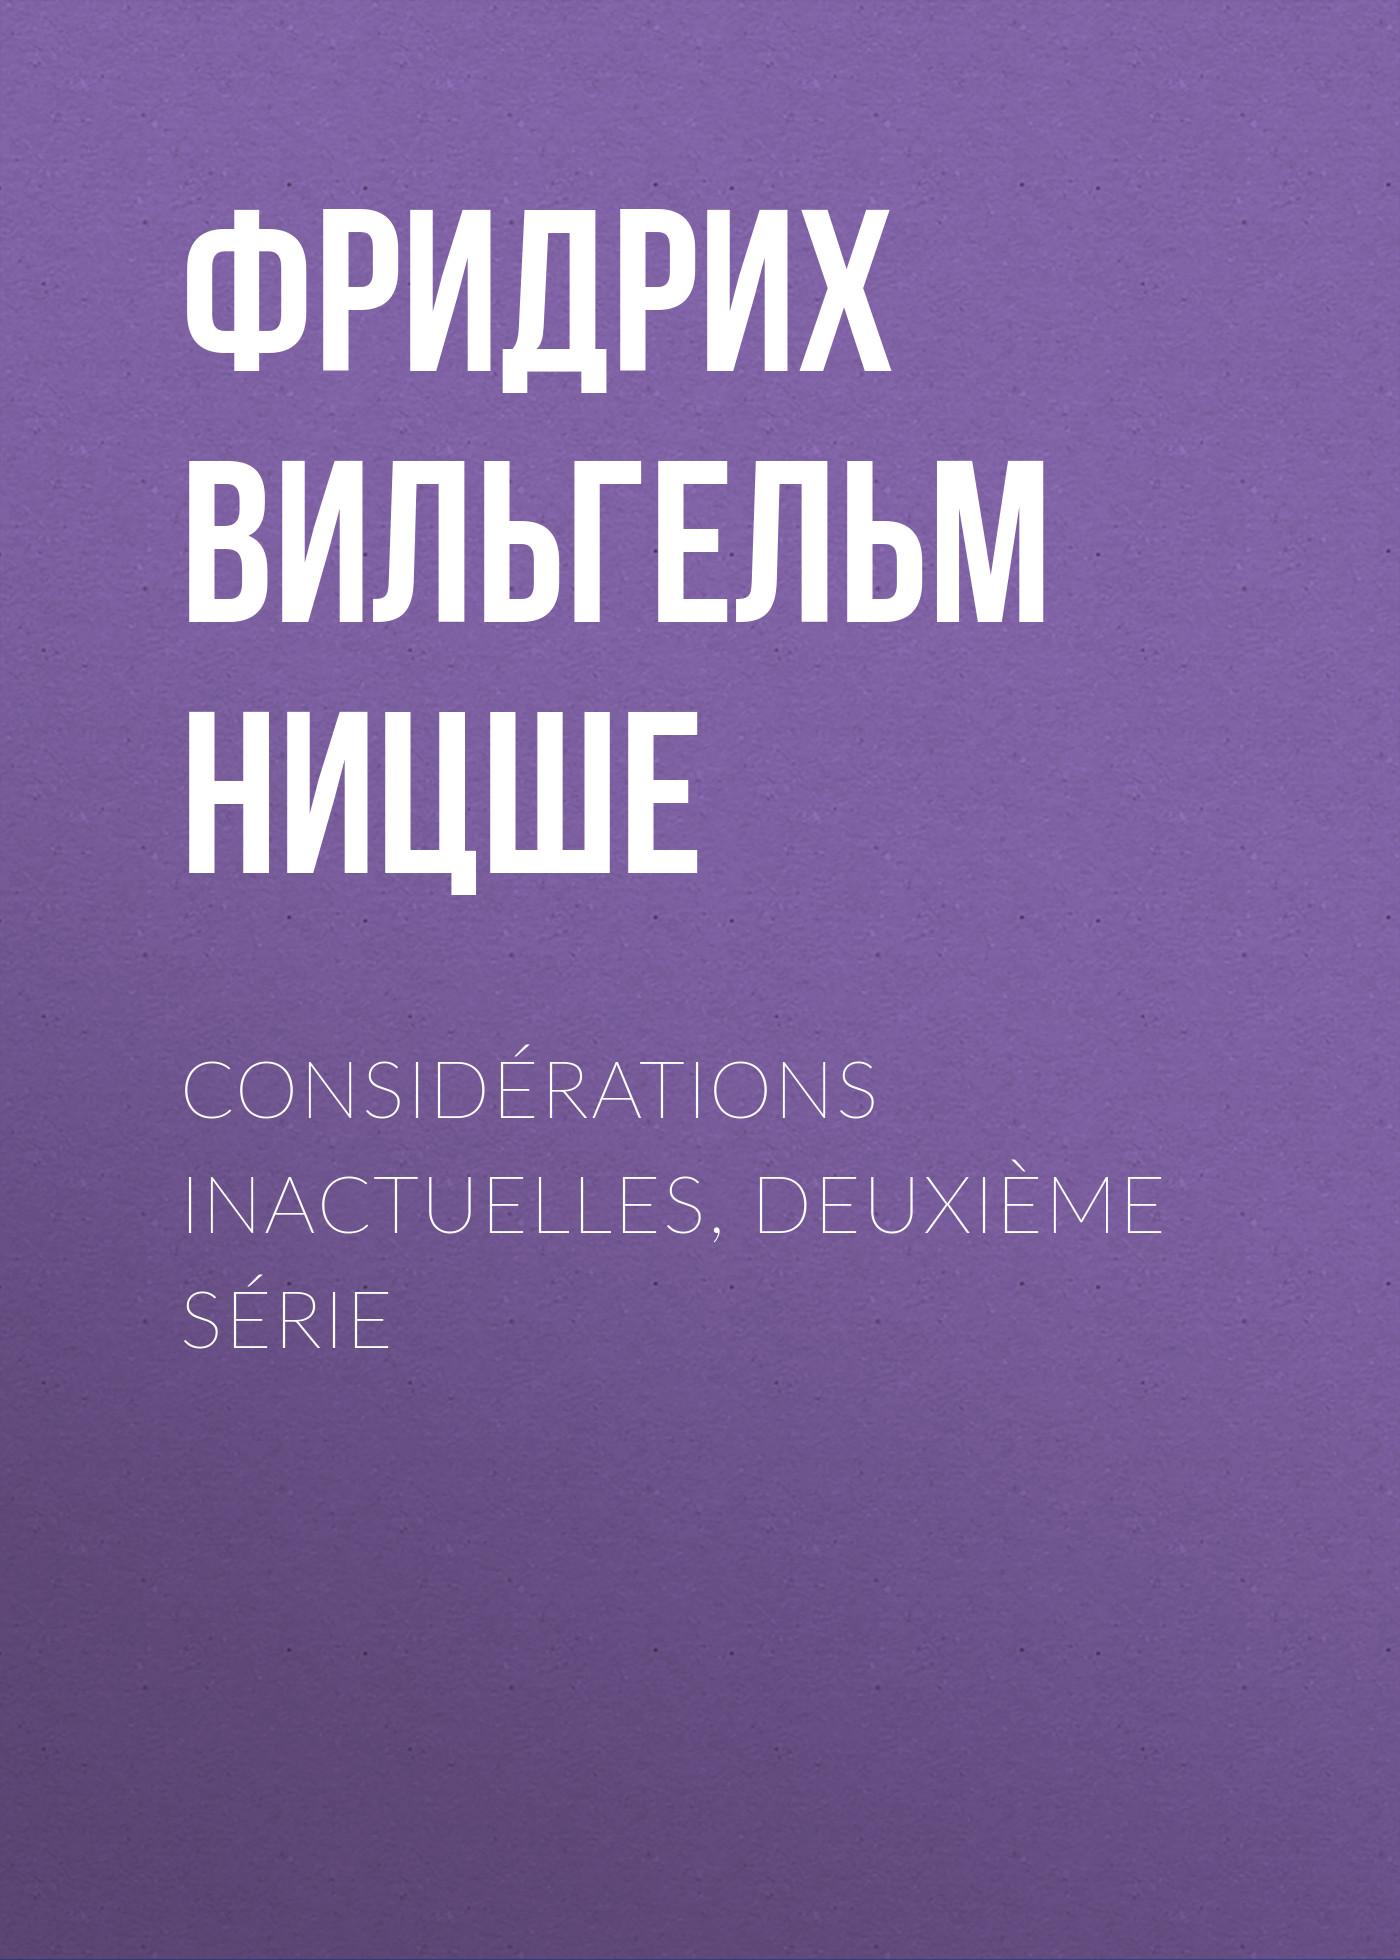 цена на Фридрих Вильгельм Ницше Considérations inactuelles, deuxième série